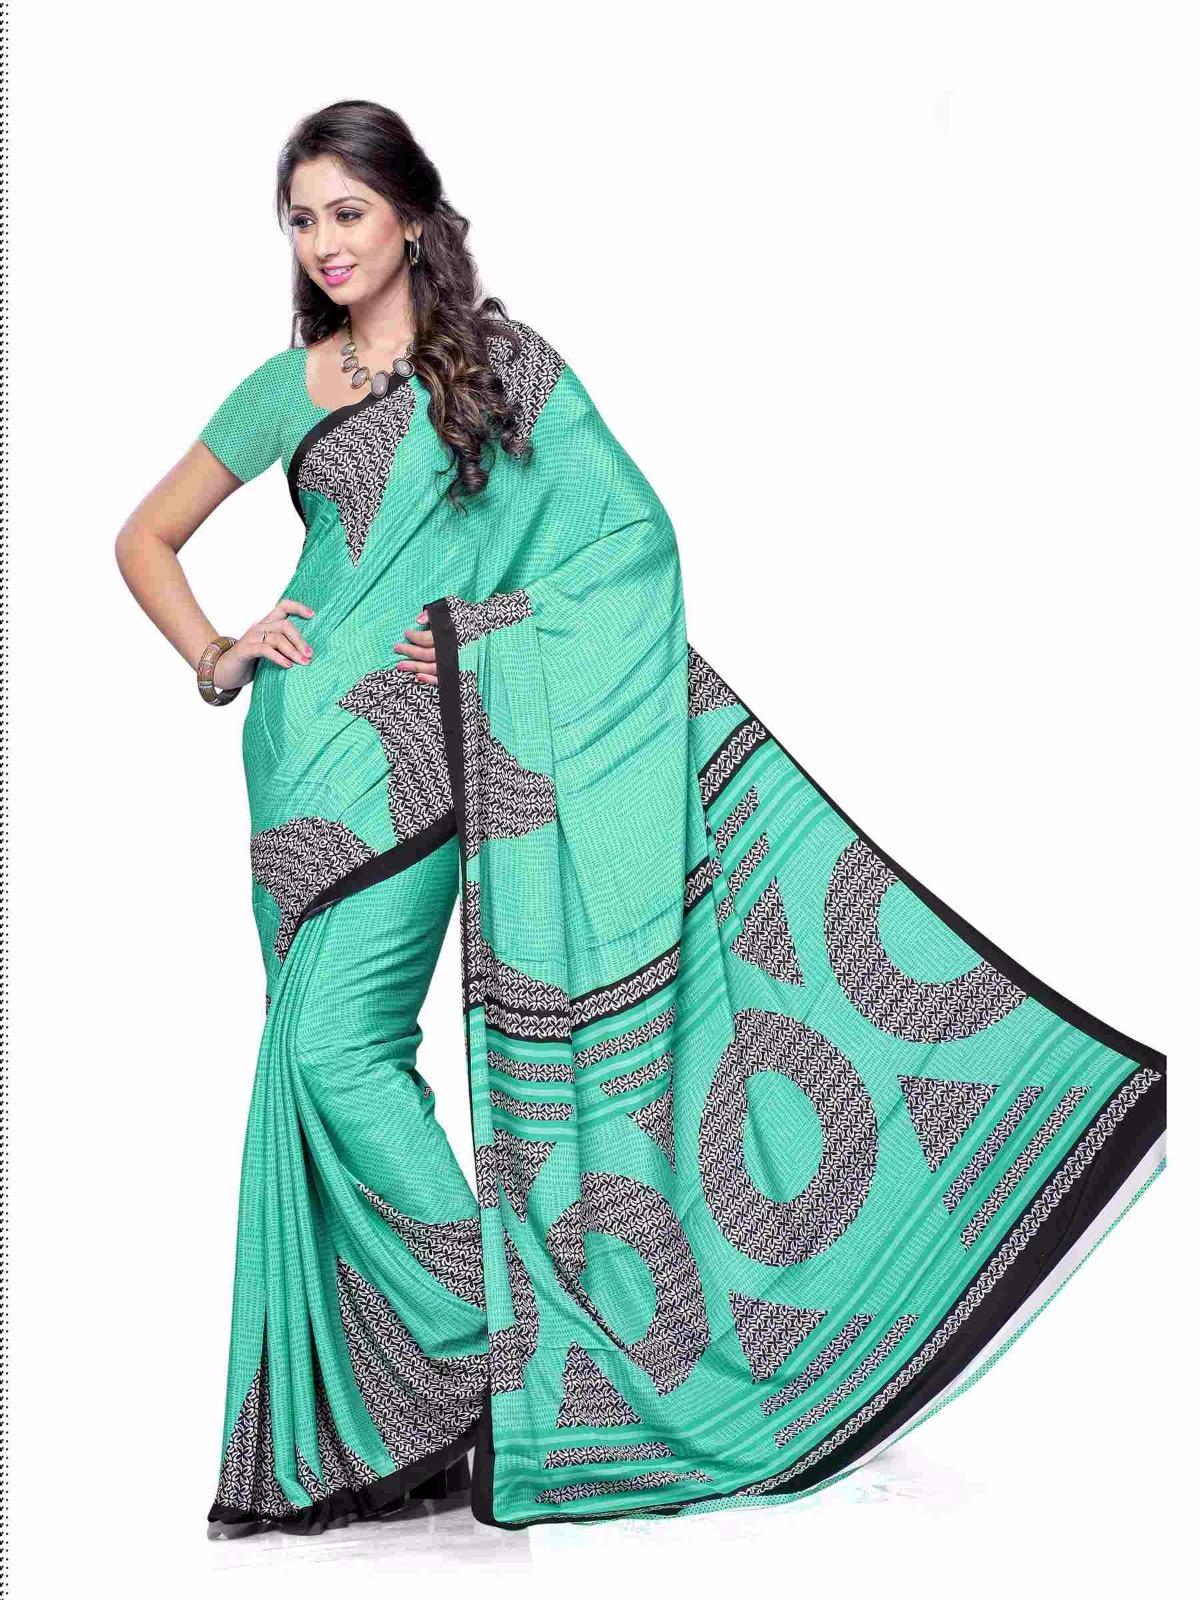 Mohini Vol 4 – Latest Designer Printed Crape Saree